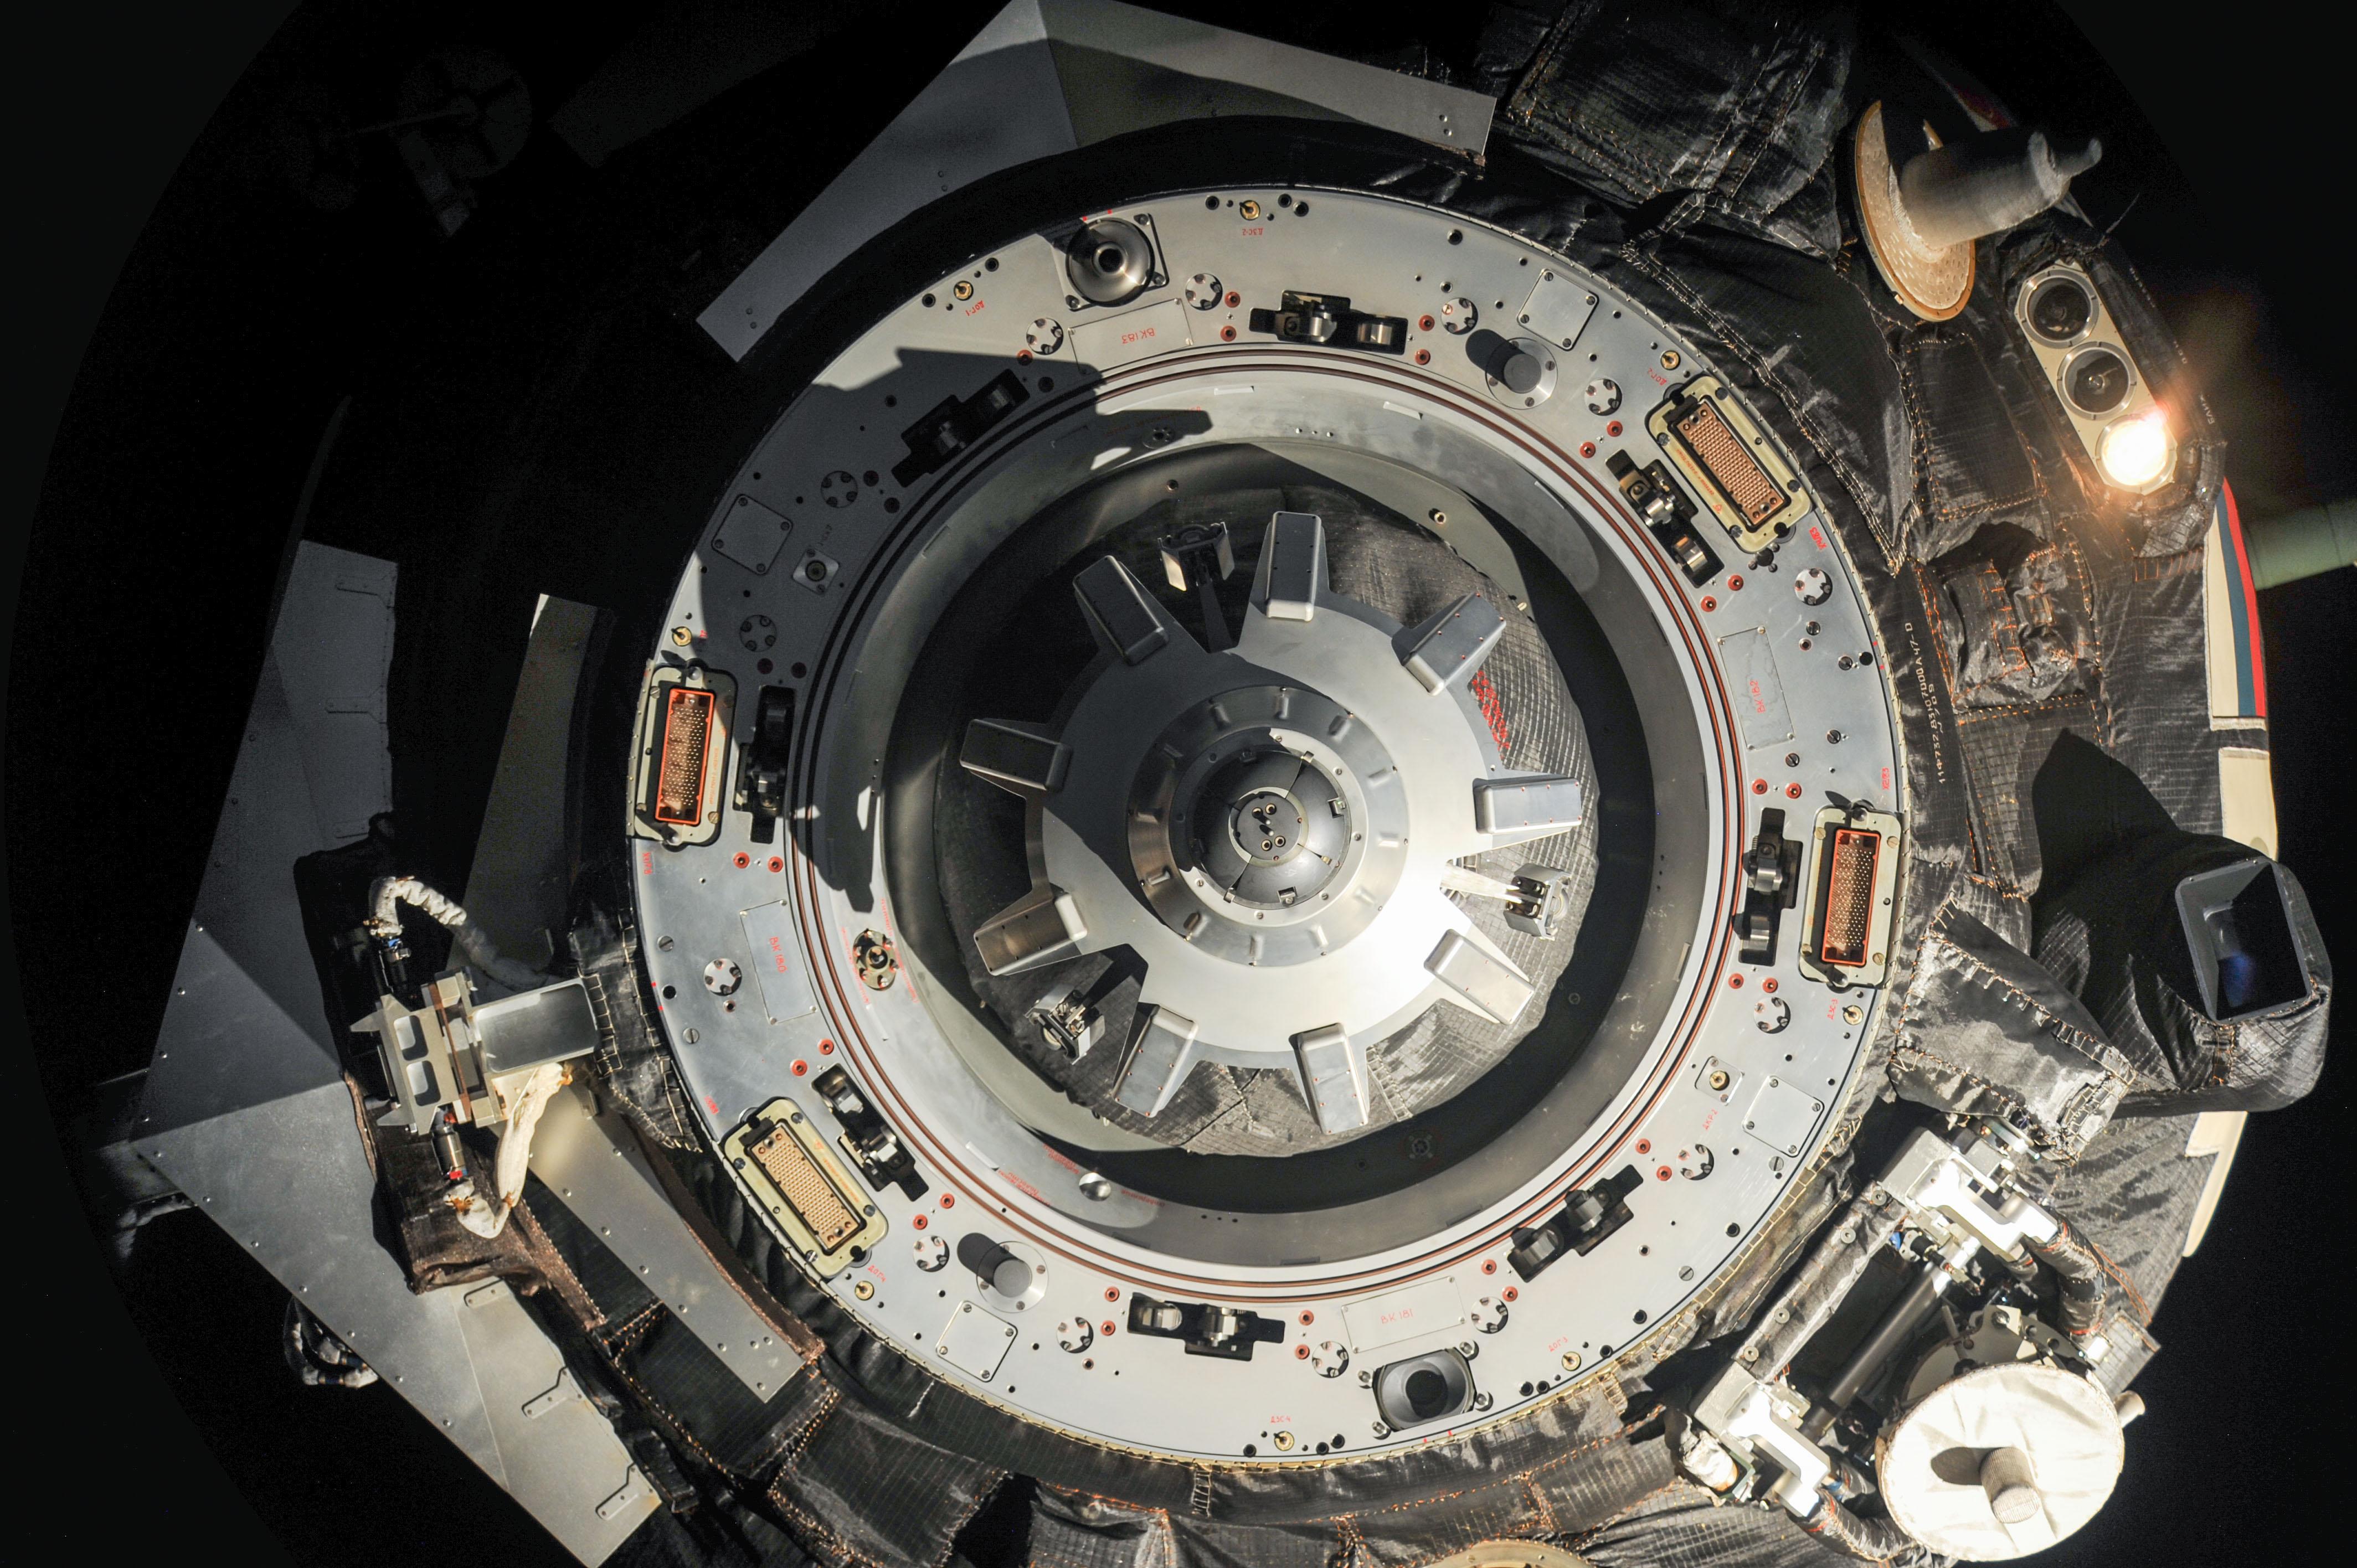 The Soyuz TMA-09M Spacecraft